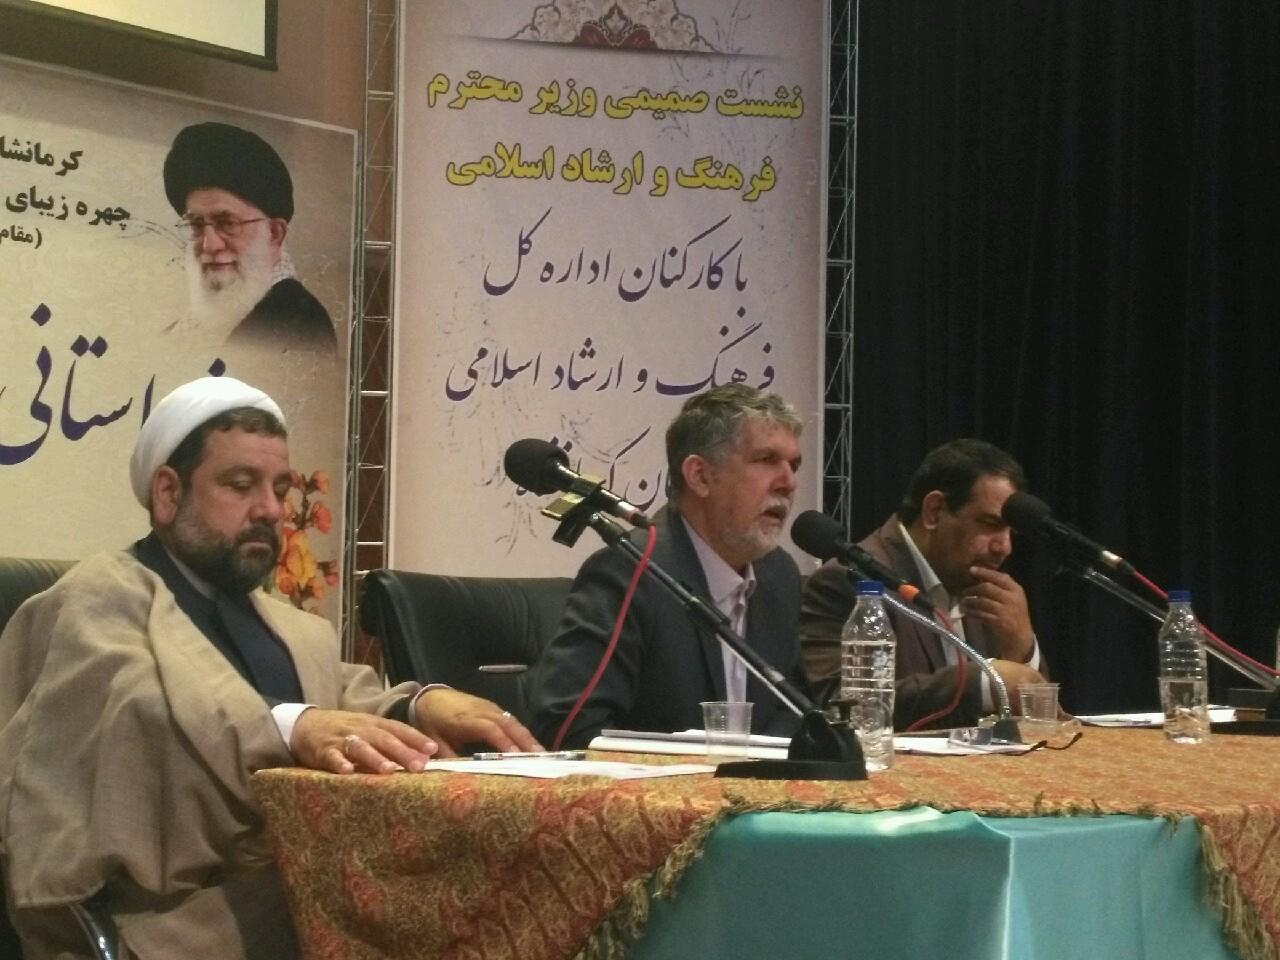 وزیر فرهنگ و ارشاد در سفر به کرمانشاه